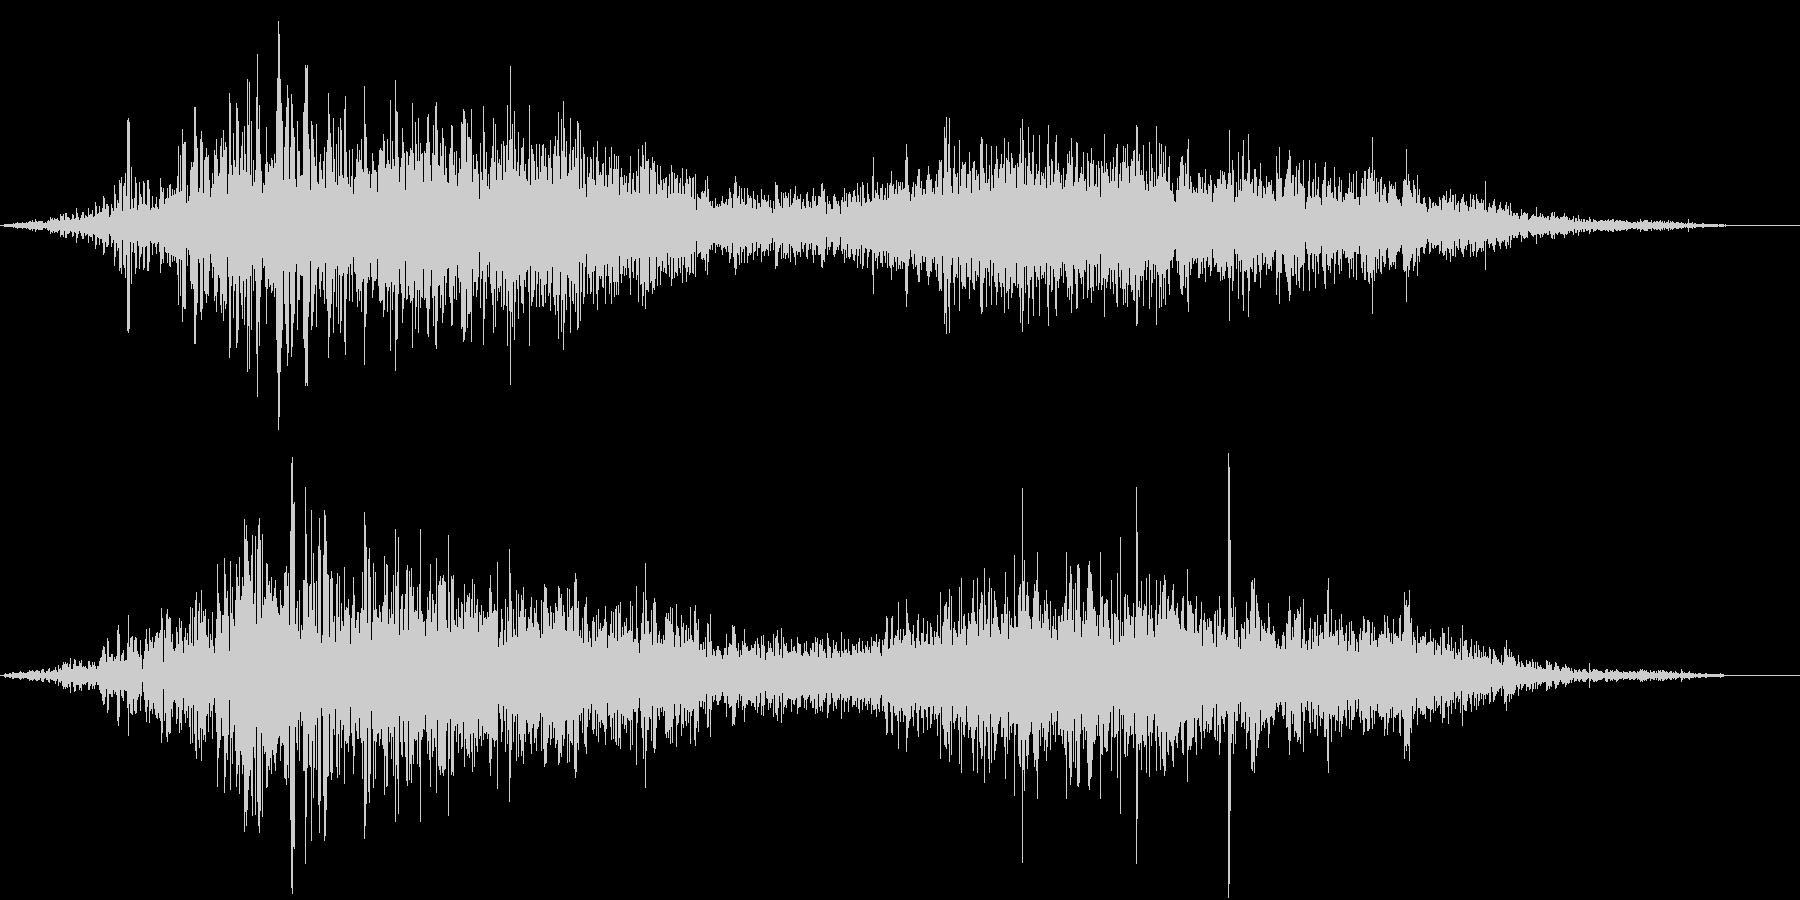 【生録音】布団を引きずる音 の未再生の波形